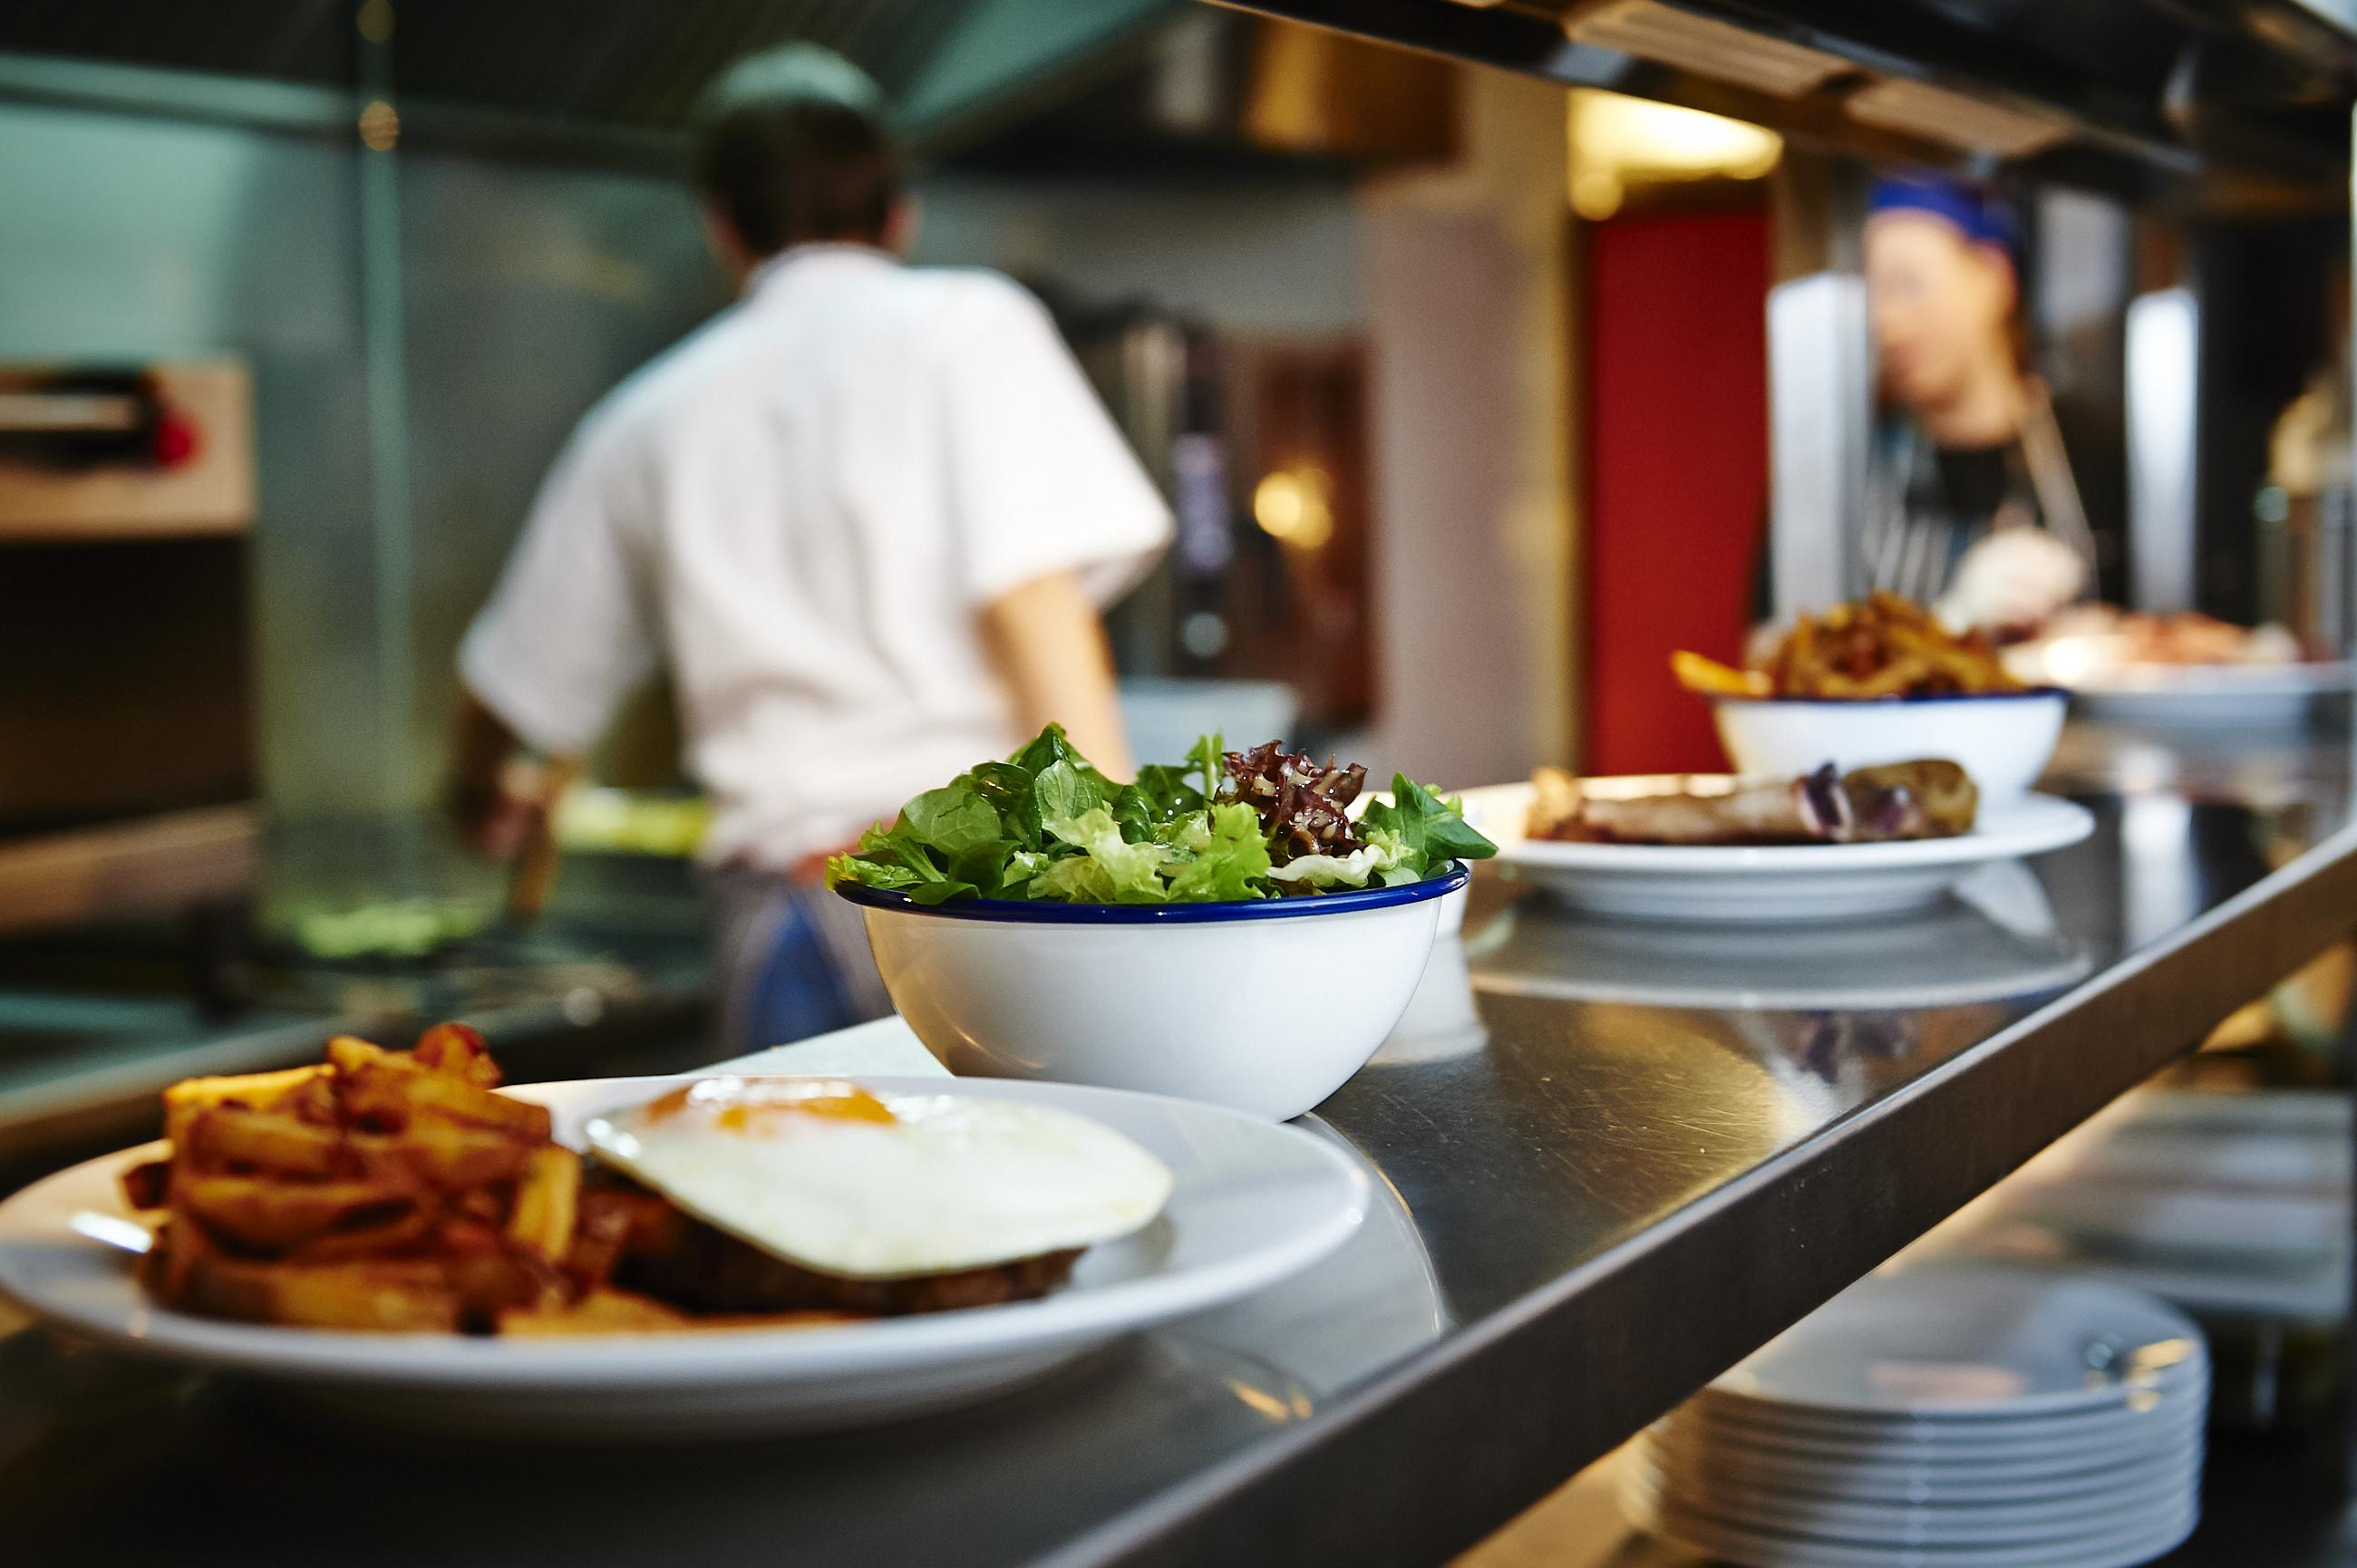 Restaurant Kitchen Wallpaper restaurant | free here